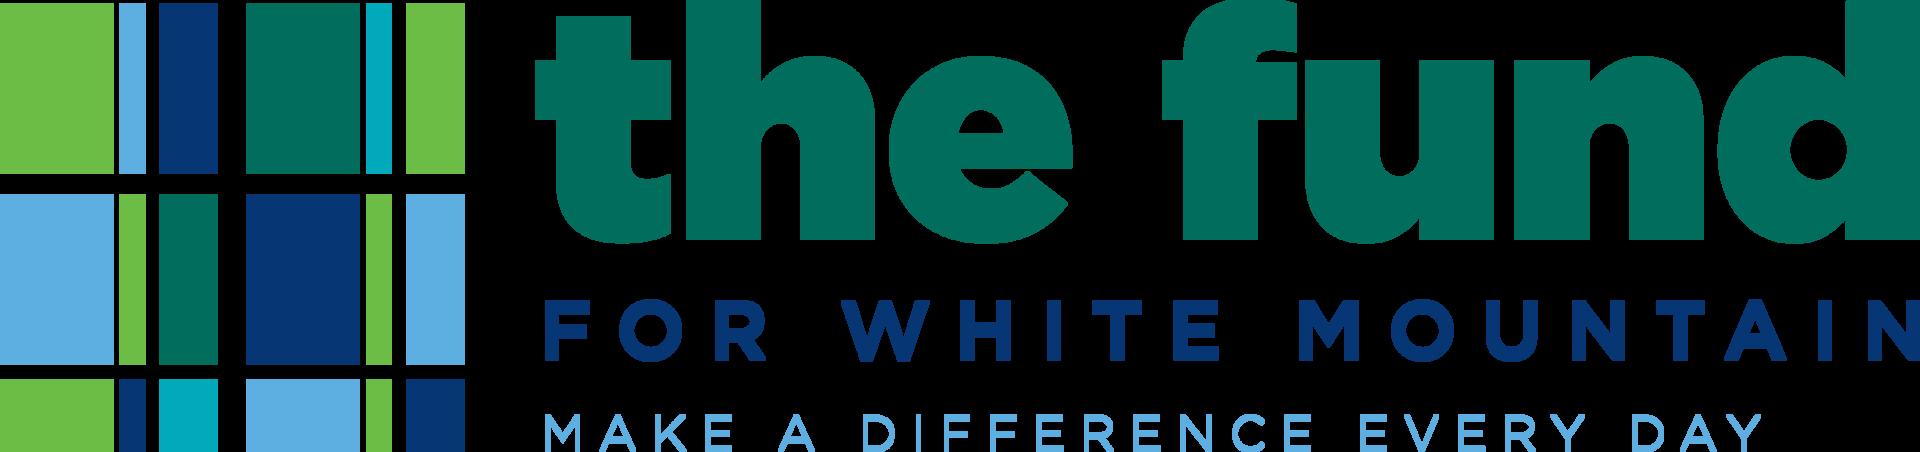 白山基金标志.